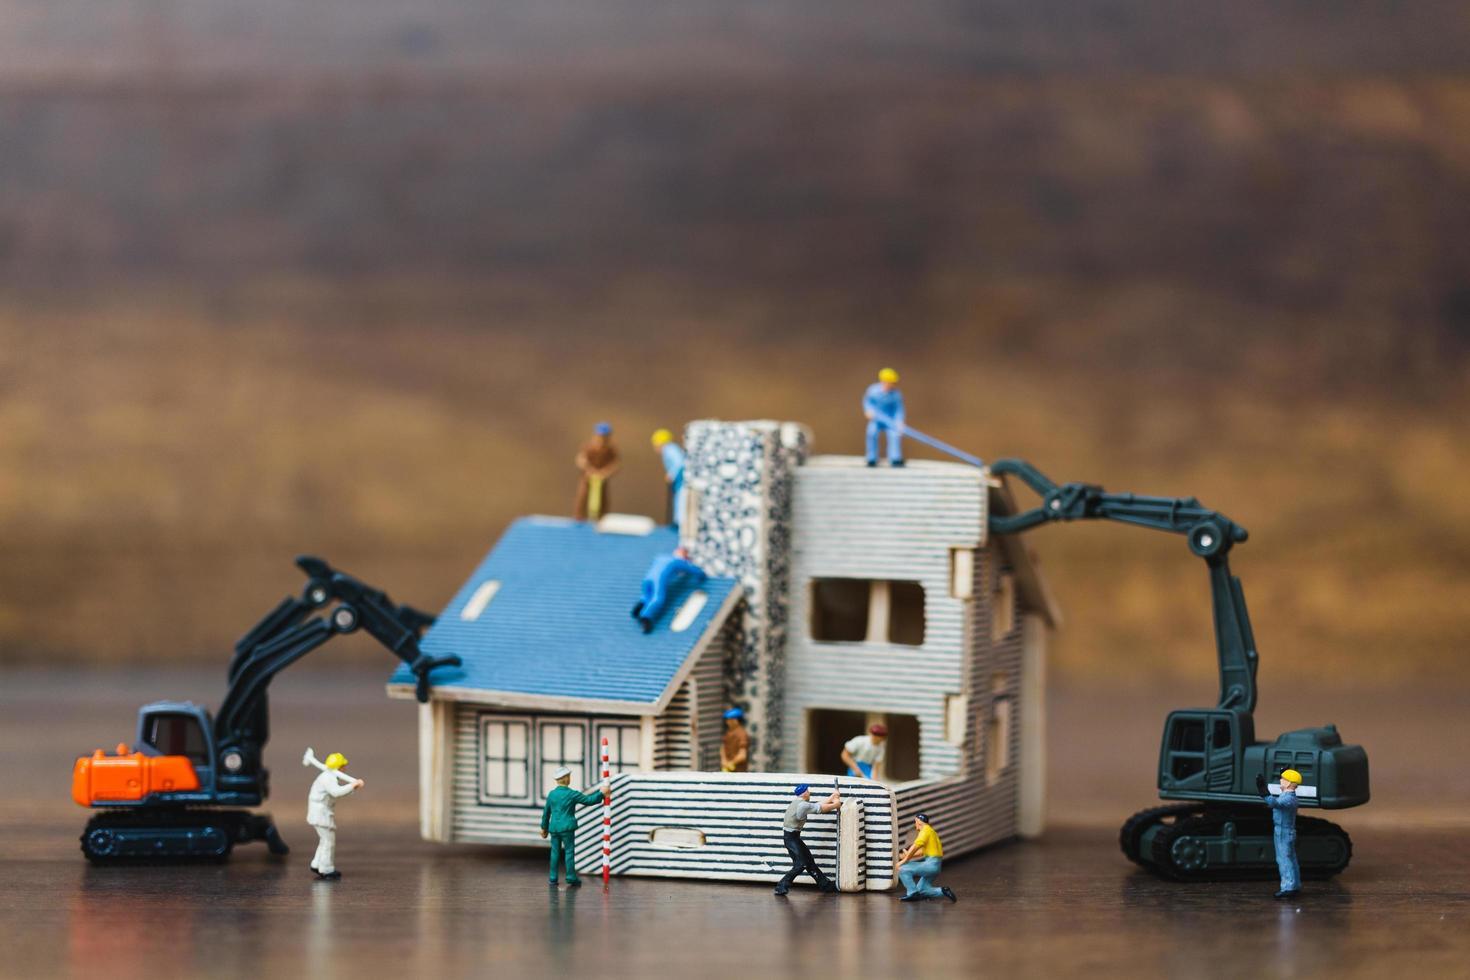 travailleurs miniatures construisant une maison, concept de rénovation domiciliaire photo